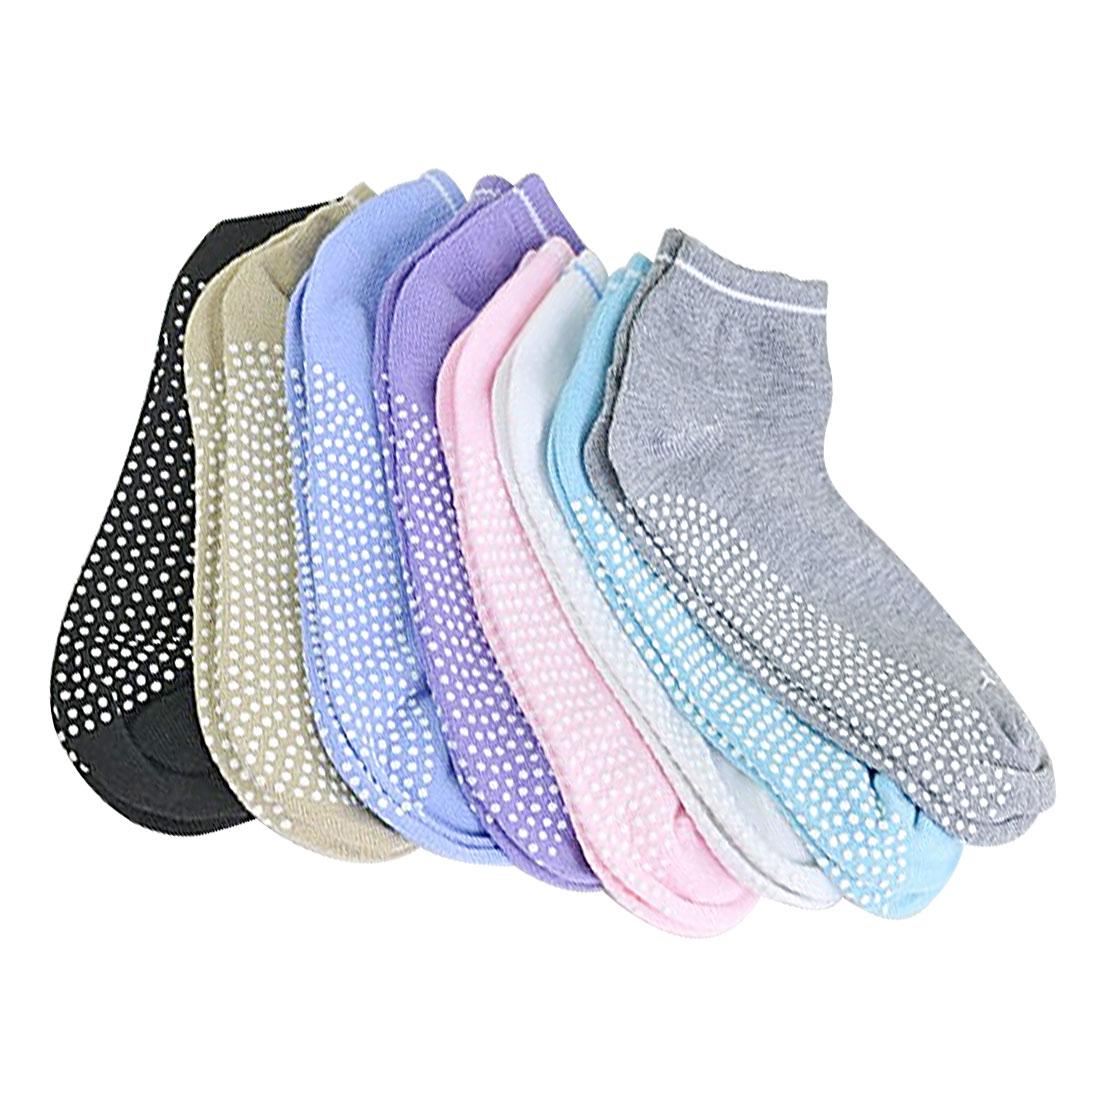 @1  Женщины Фитнес Хлопок Тренажерный Зал Спортивные Носки Non Slip Массаж Йога Пилатес Носки 6 Цветов ✔